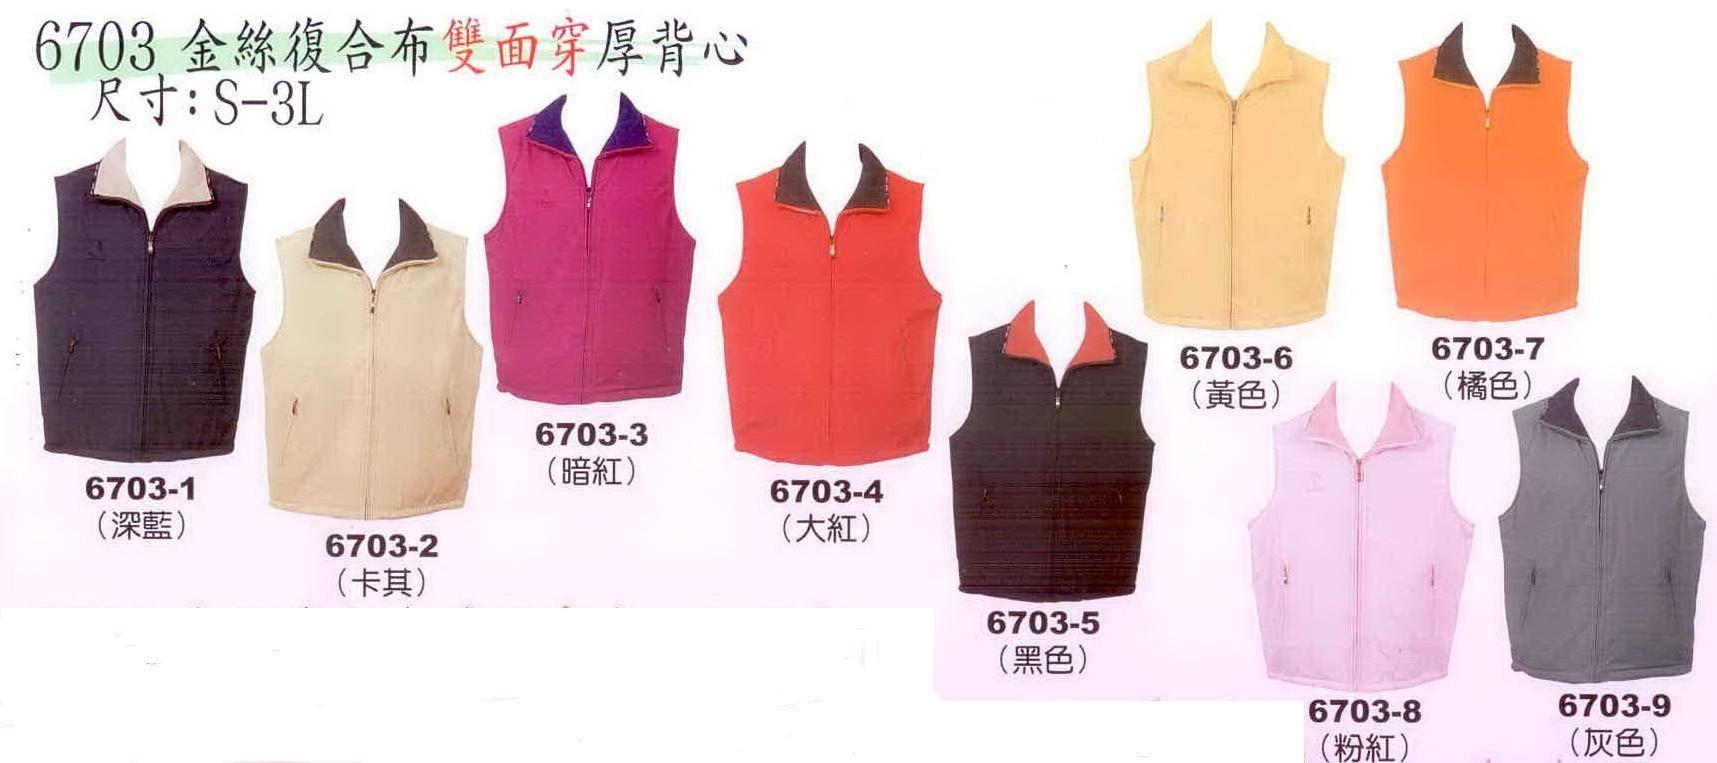 金絲復合布雙面穿厚背心:深藍6703-1、卡其6703-2、暗紅6703-3、 大紅6703-4、黑色6703-5、黃色6703-6、橘色6703-7、粉紅6703-8、 灰色6703-9